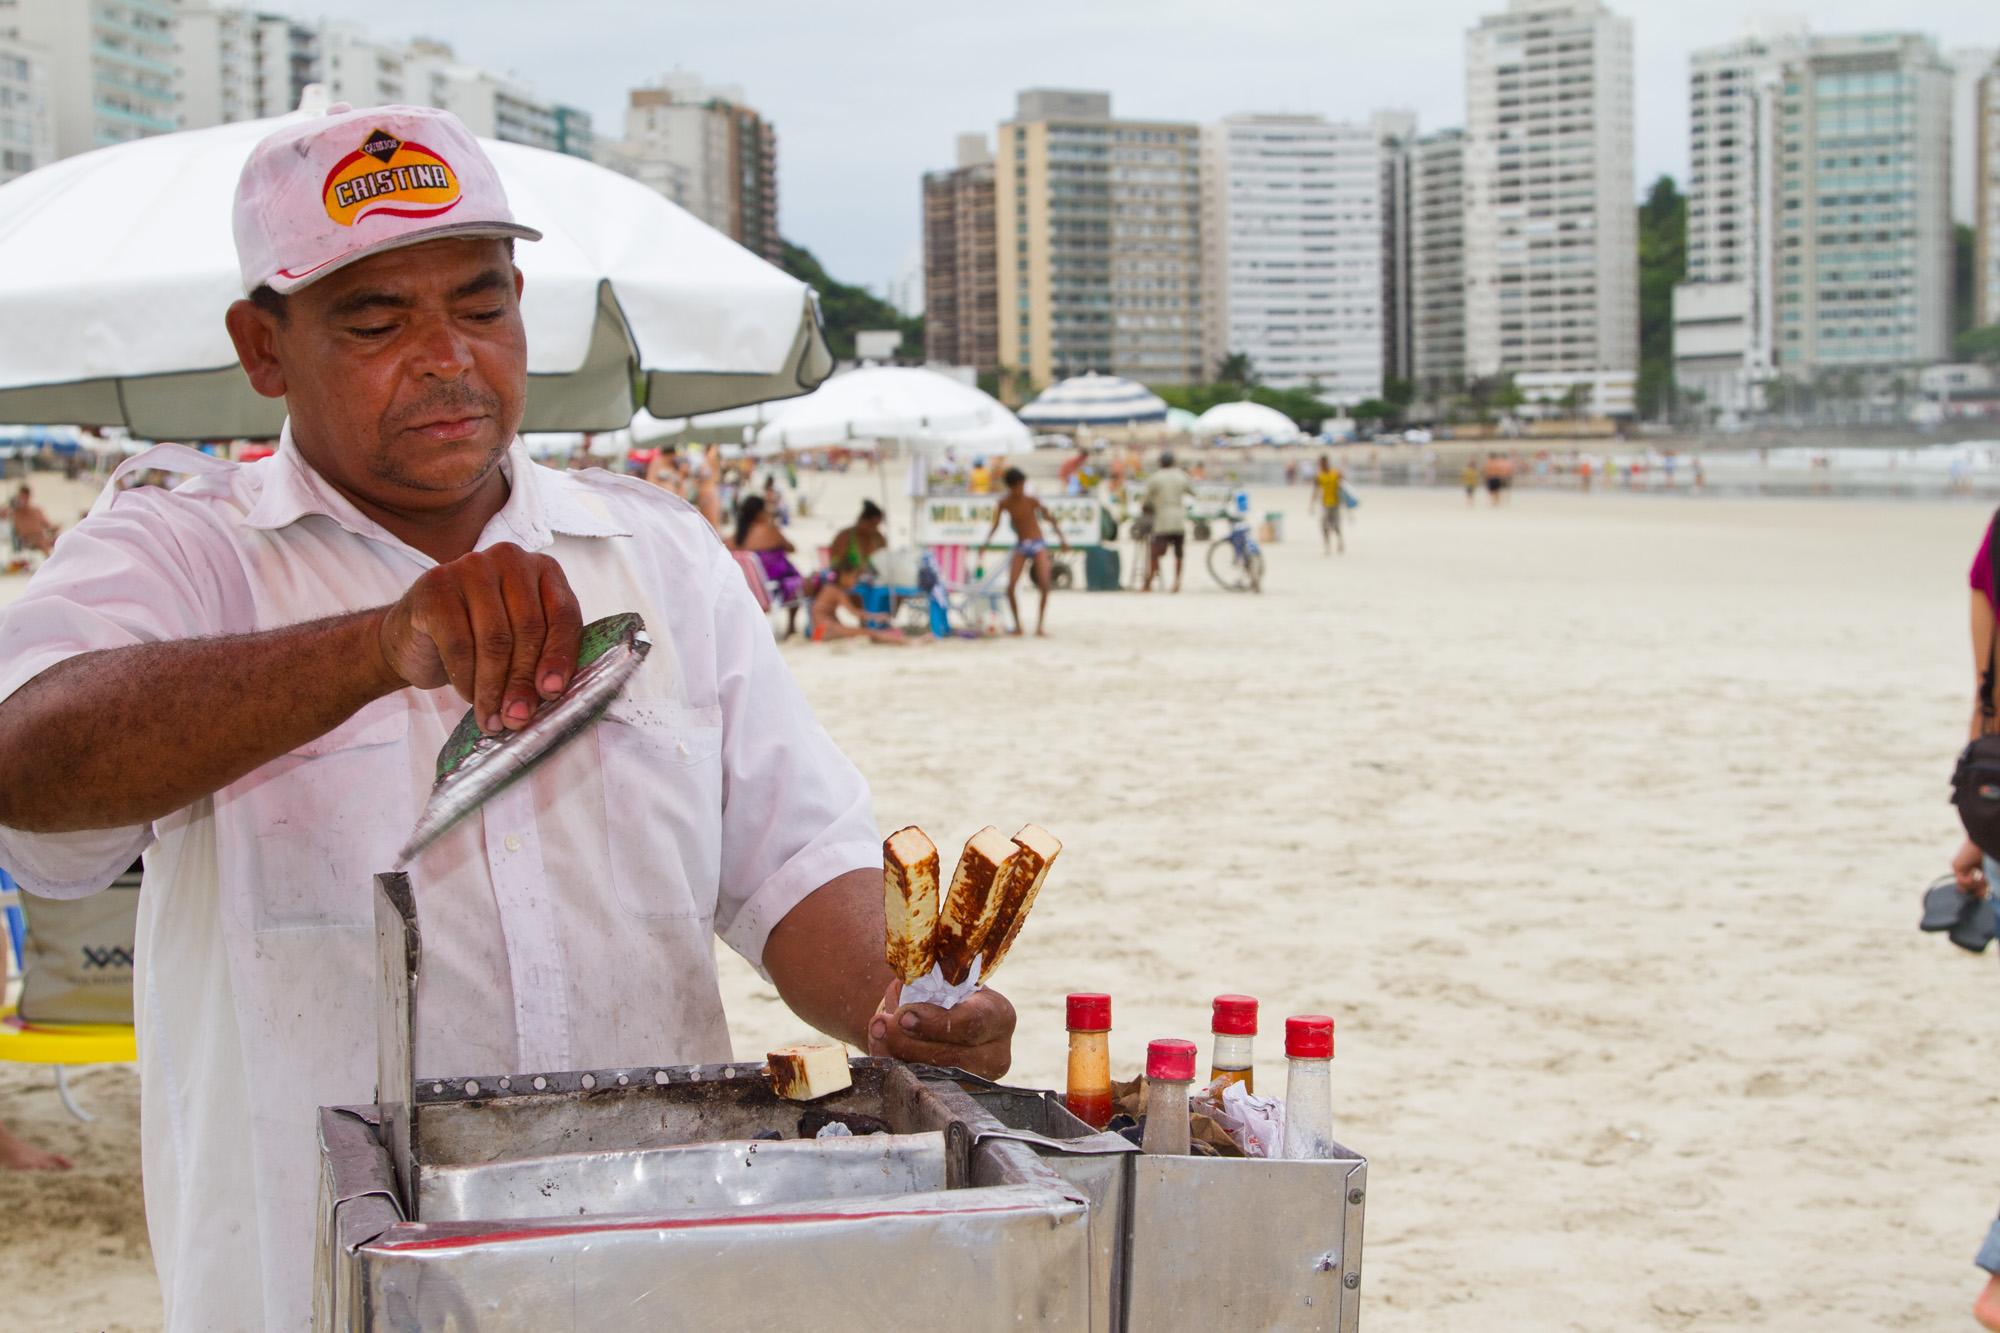 B-B-Q cheese vendor, Brazil